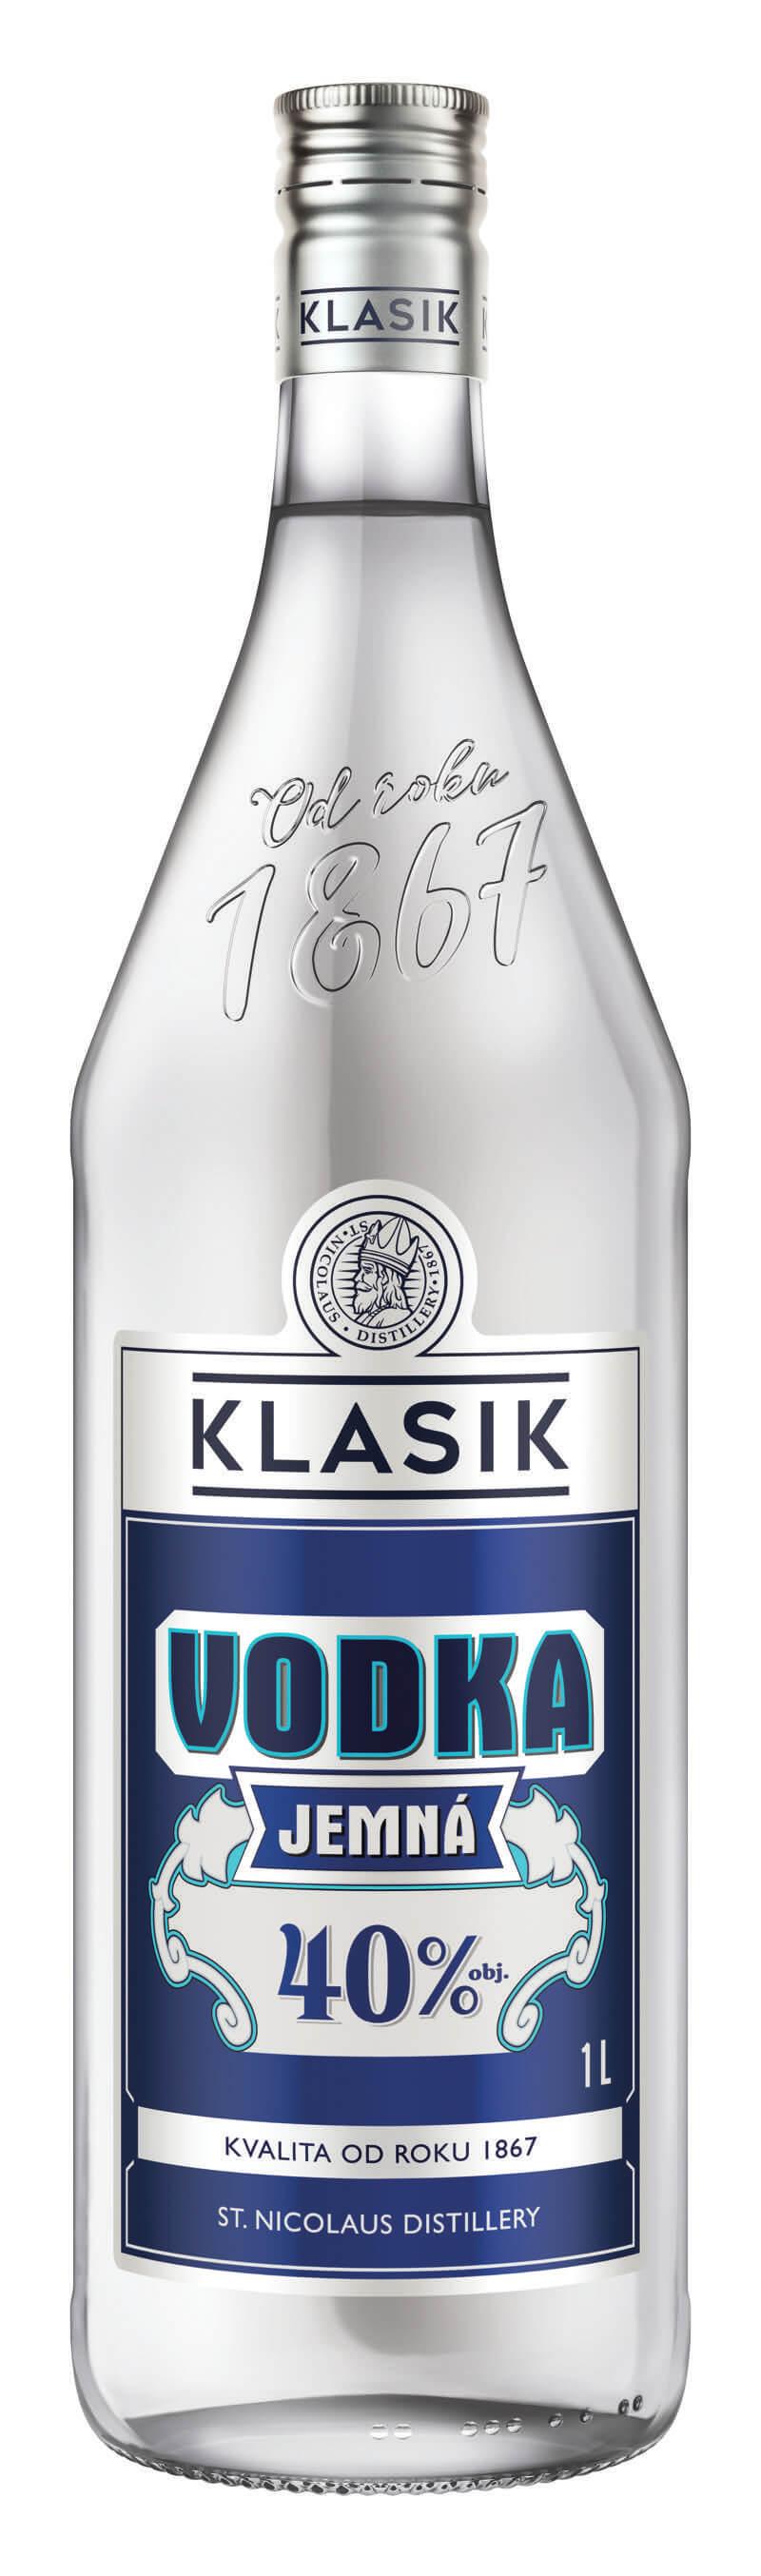 KLASIK Vodka Jemná40% 1l